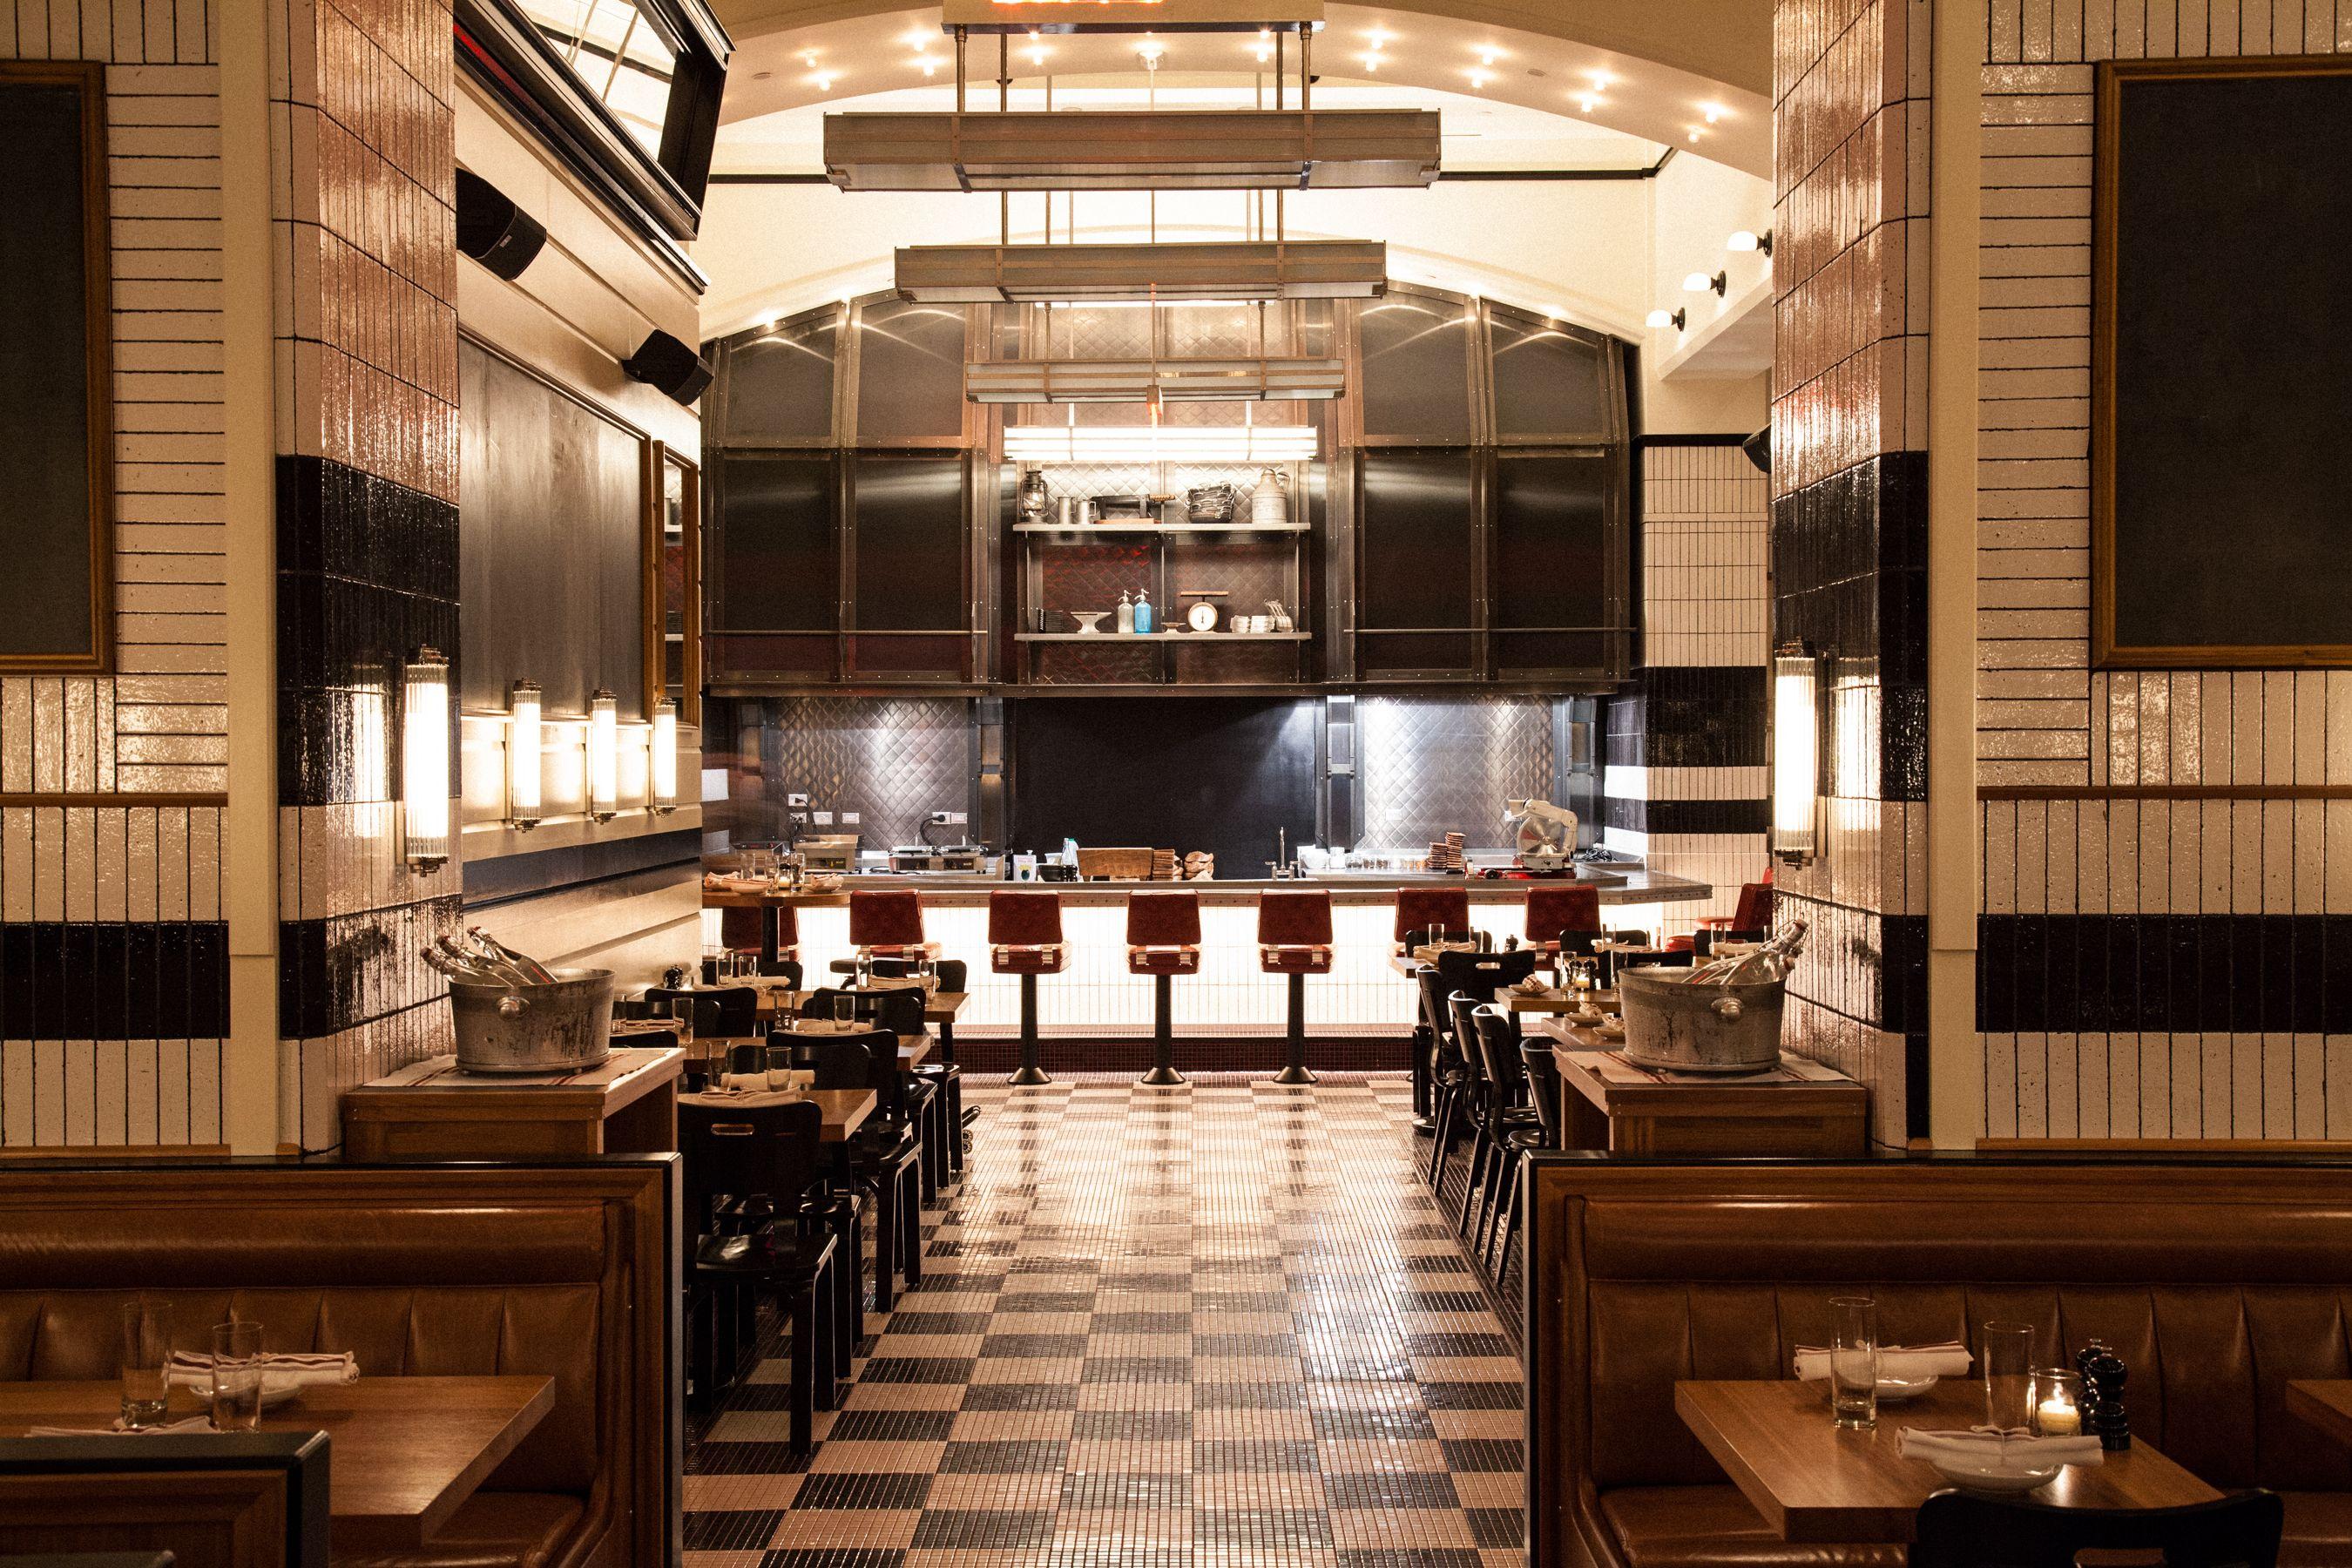 Kingside Restaurant For more information visit k kingside